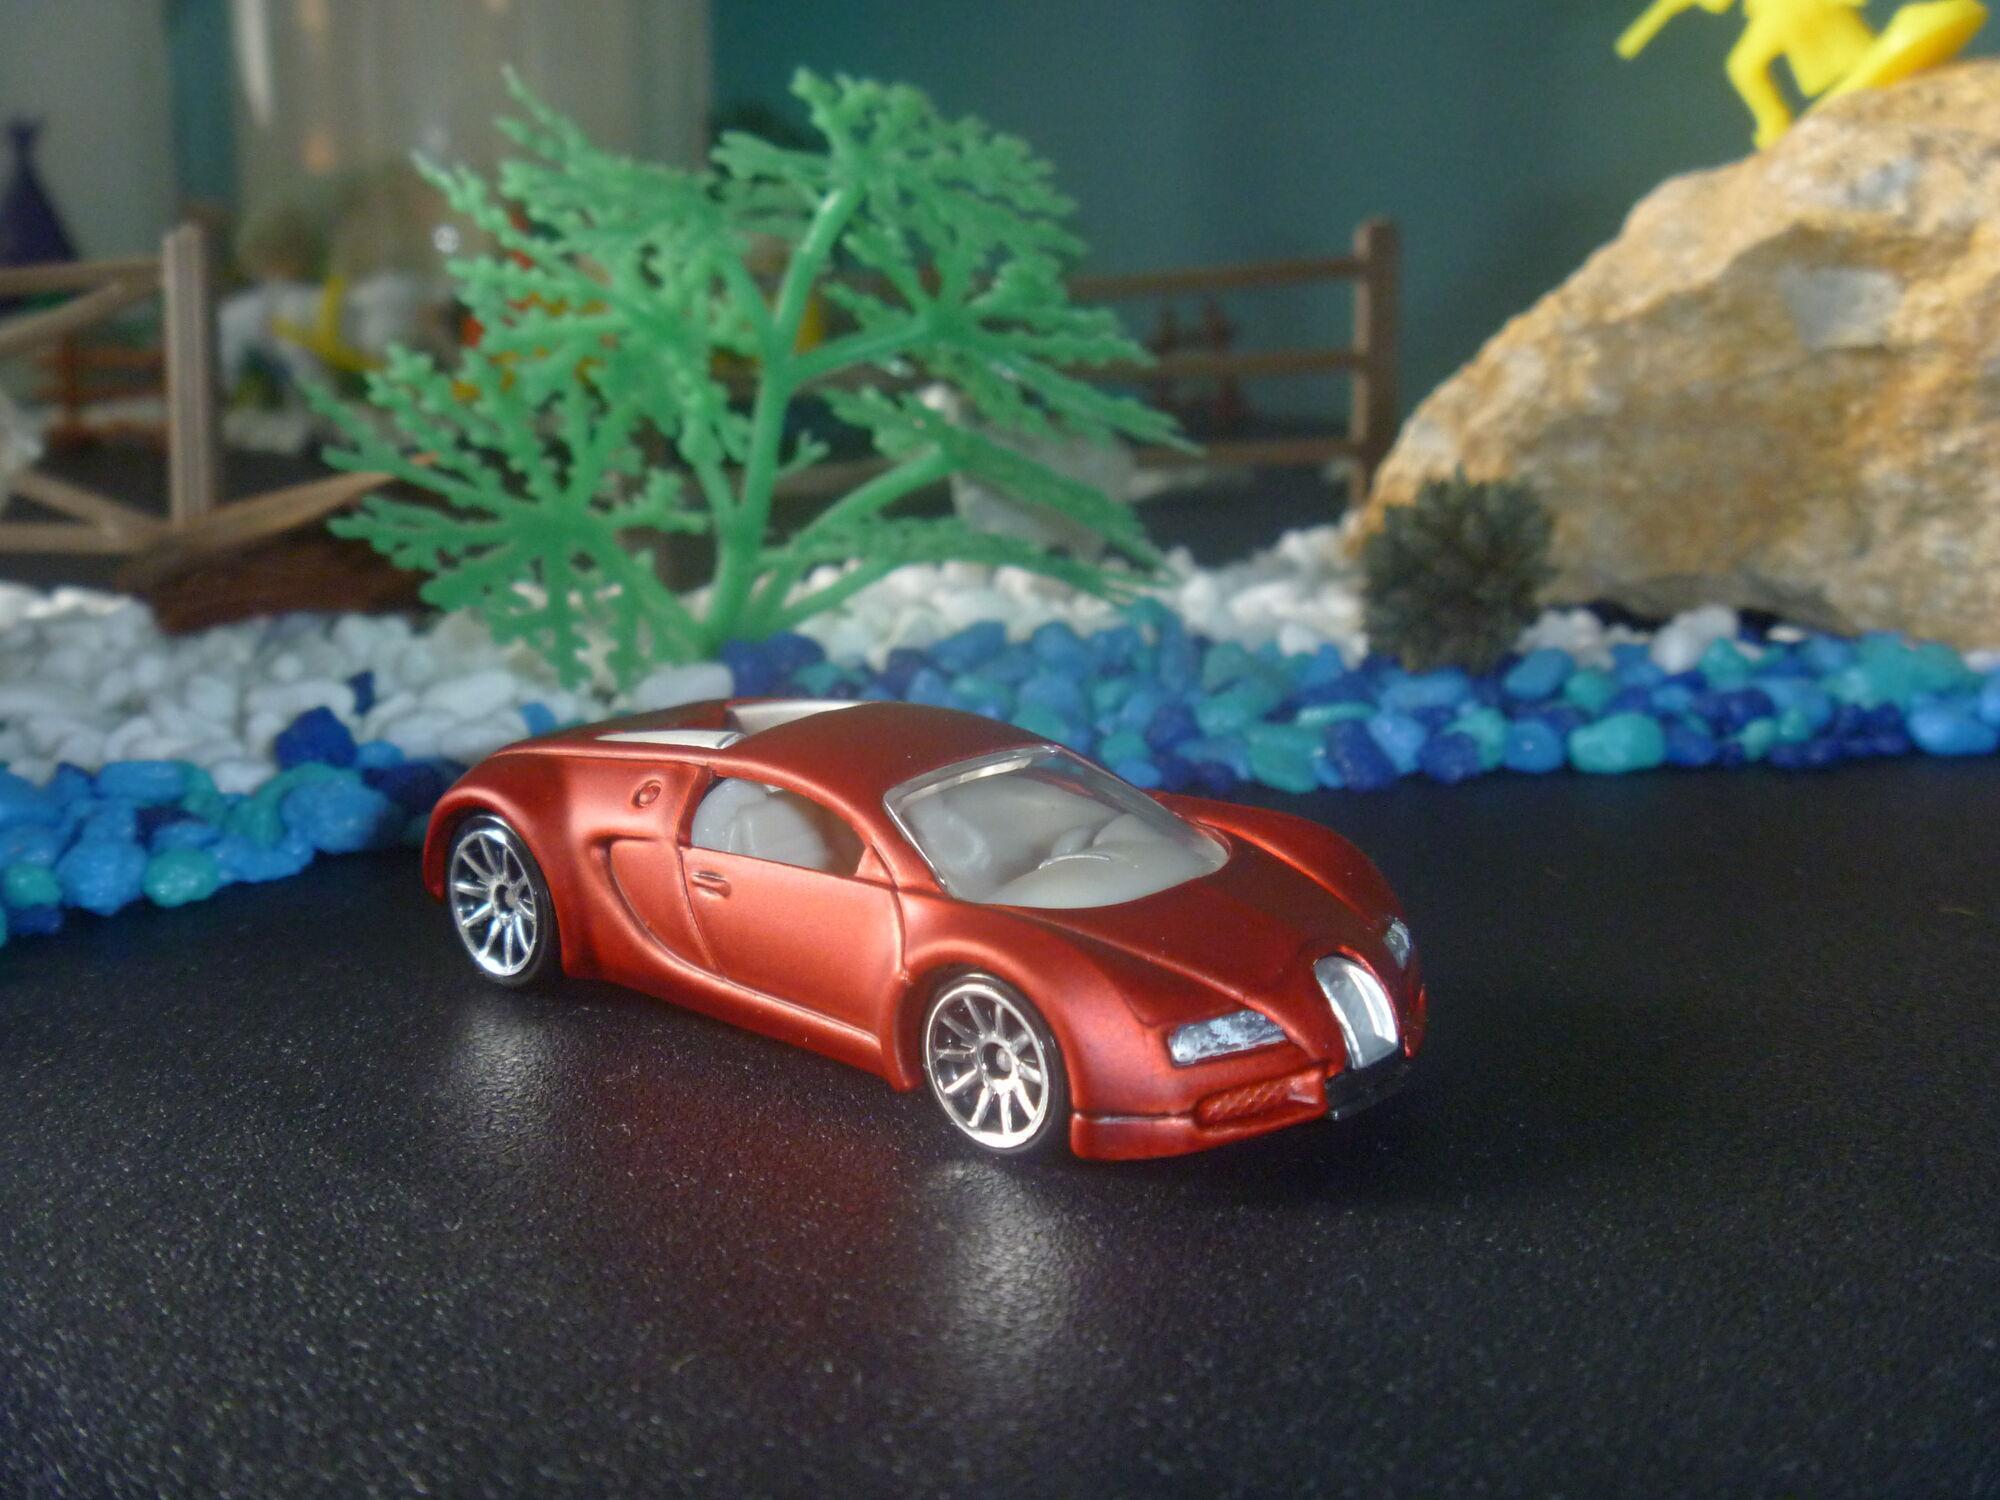 2000?cb=20130422152906 Elegant Bugatti Veyron toy Car Hot Wheels Cars Trend